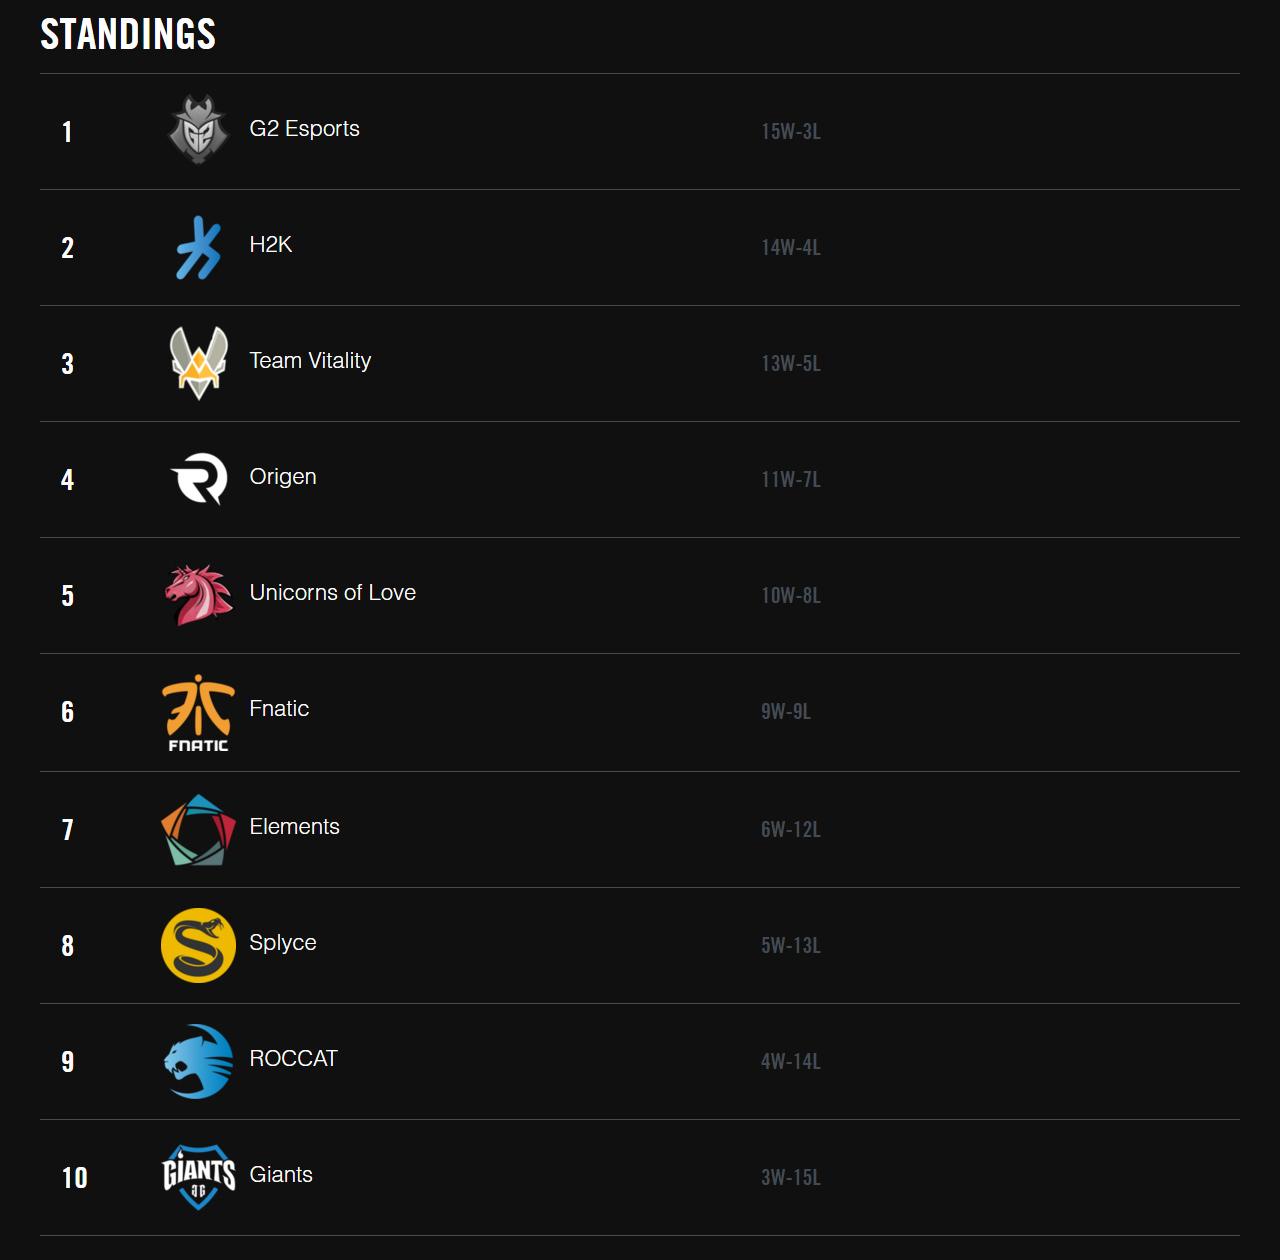 Kết quả xếp hạng LCS Châu Âu Mùa Xuân 2016 sau khi kết thúc vòng bảng.